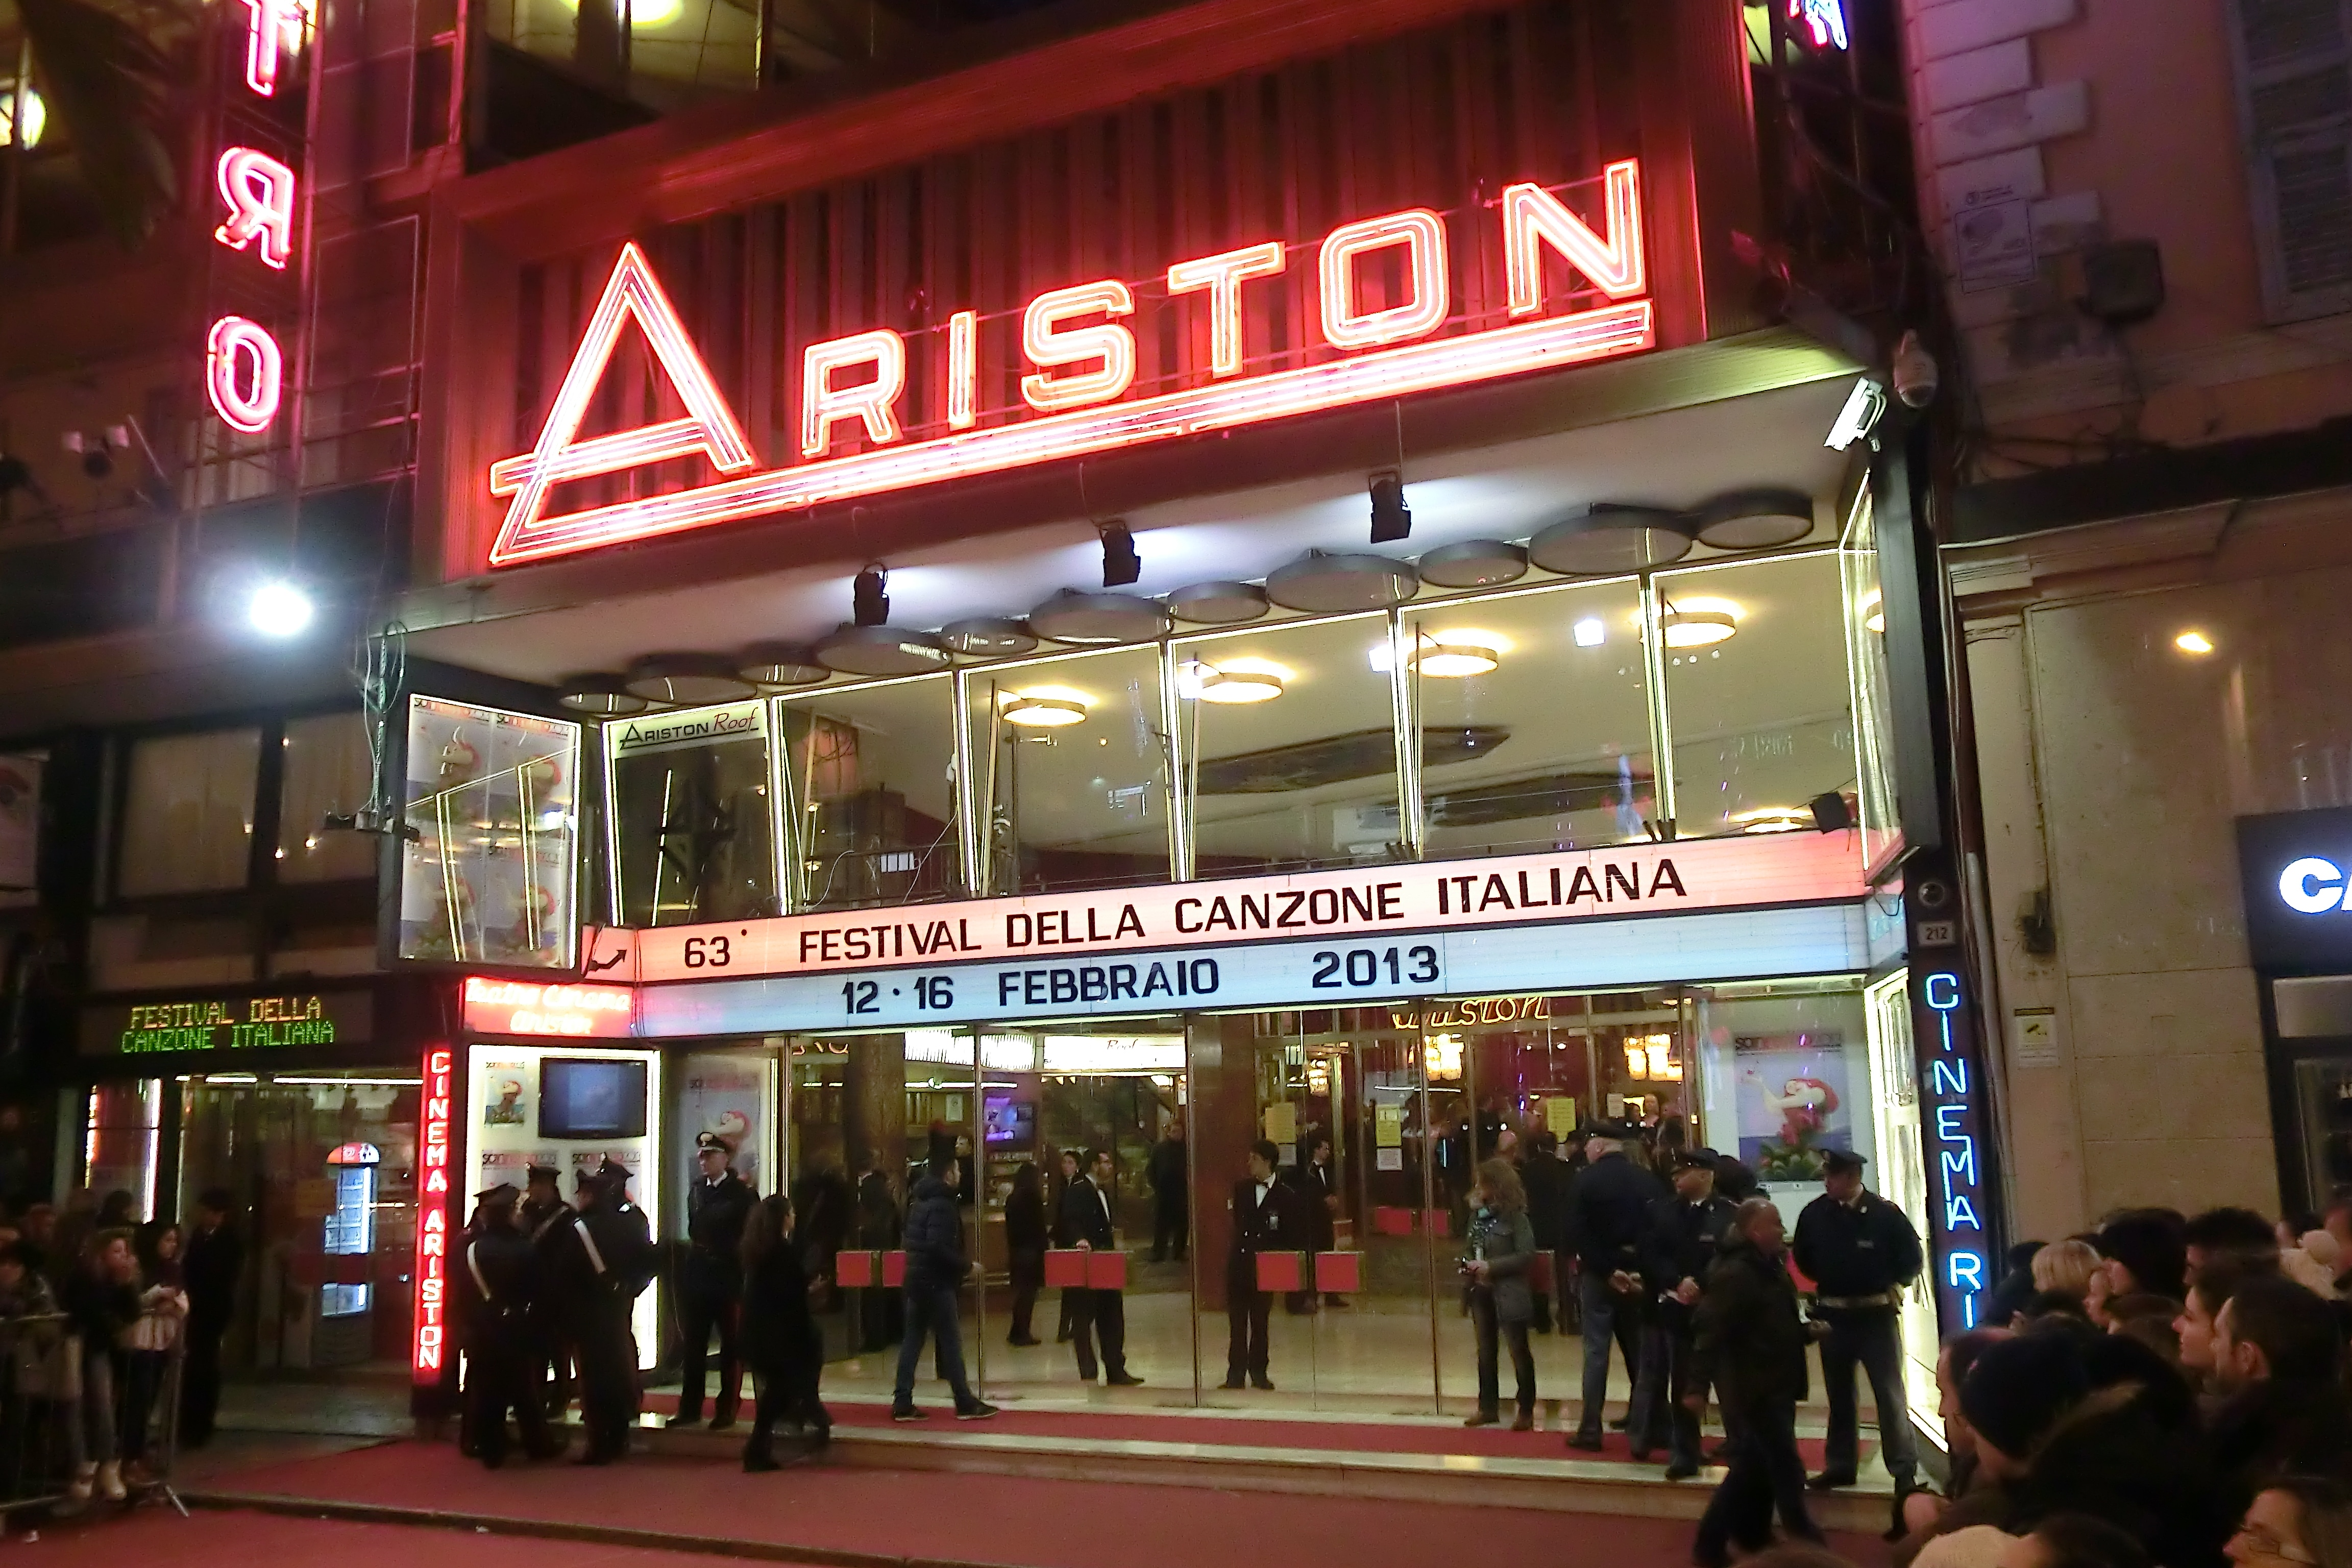 Presentato il cartellone spettacoli del Teatro Ariston fino a dicembre